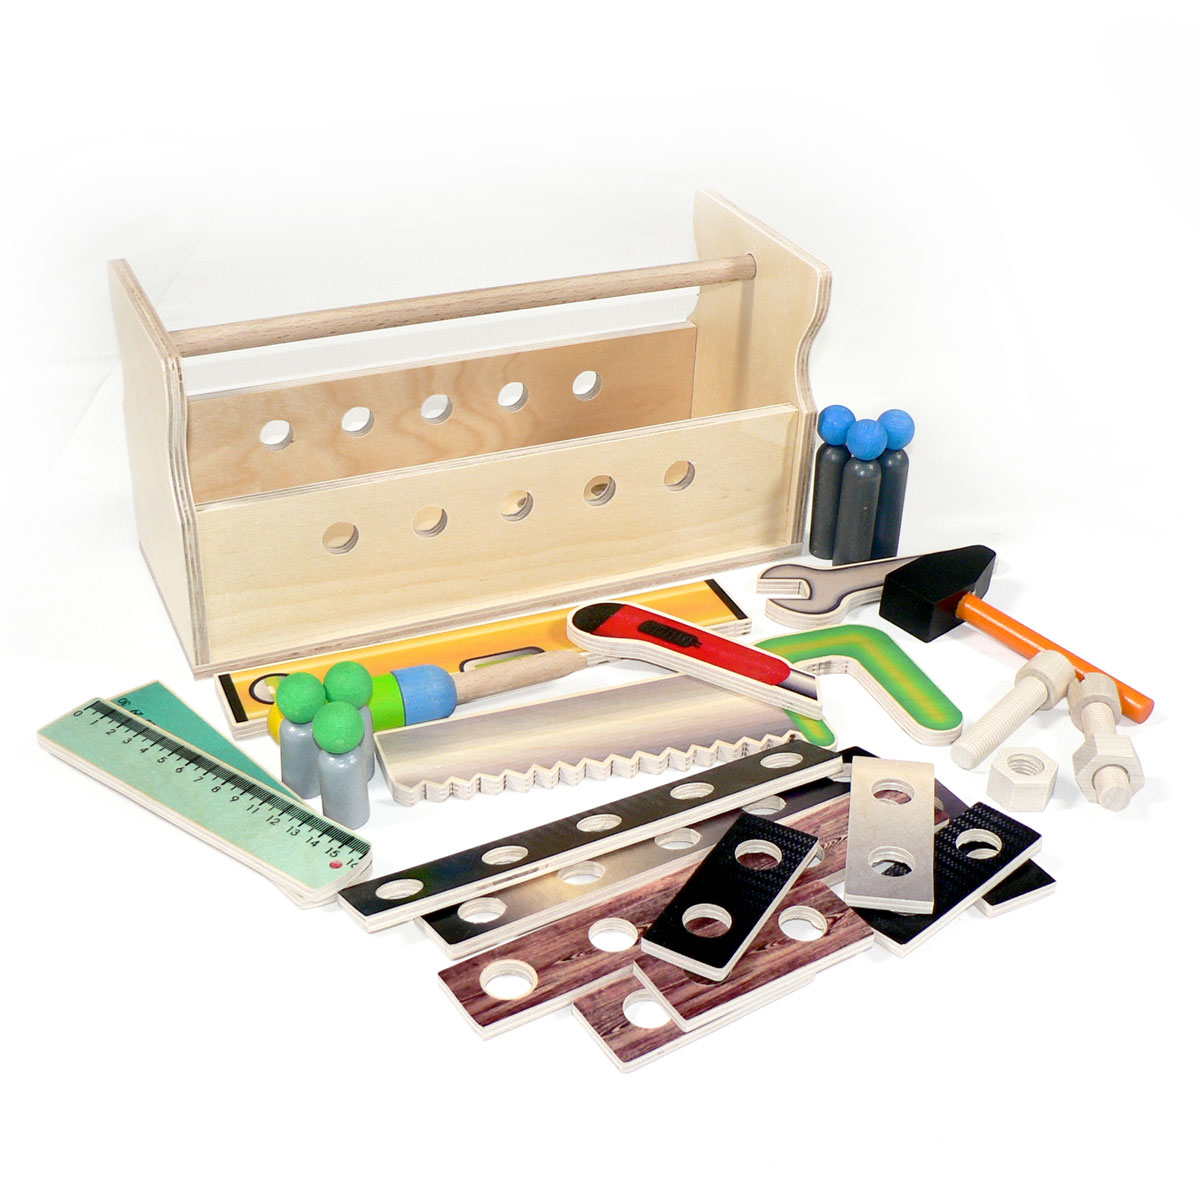 hess werkzeugkiste 14894 aus holz gefüllt mit werkzeug für kinder